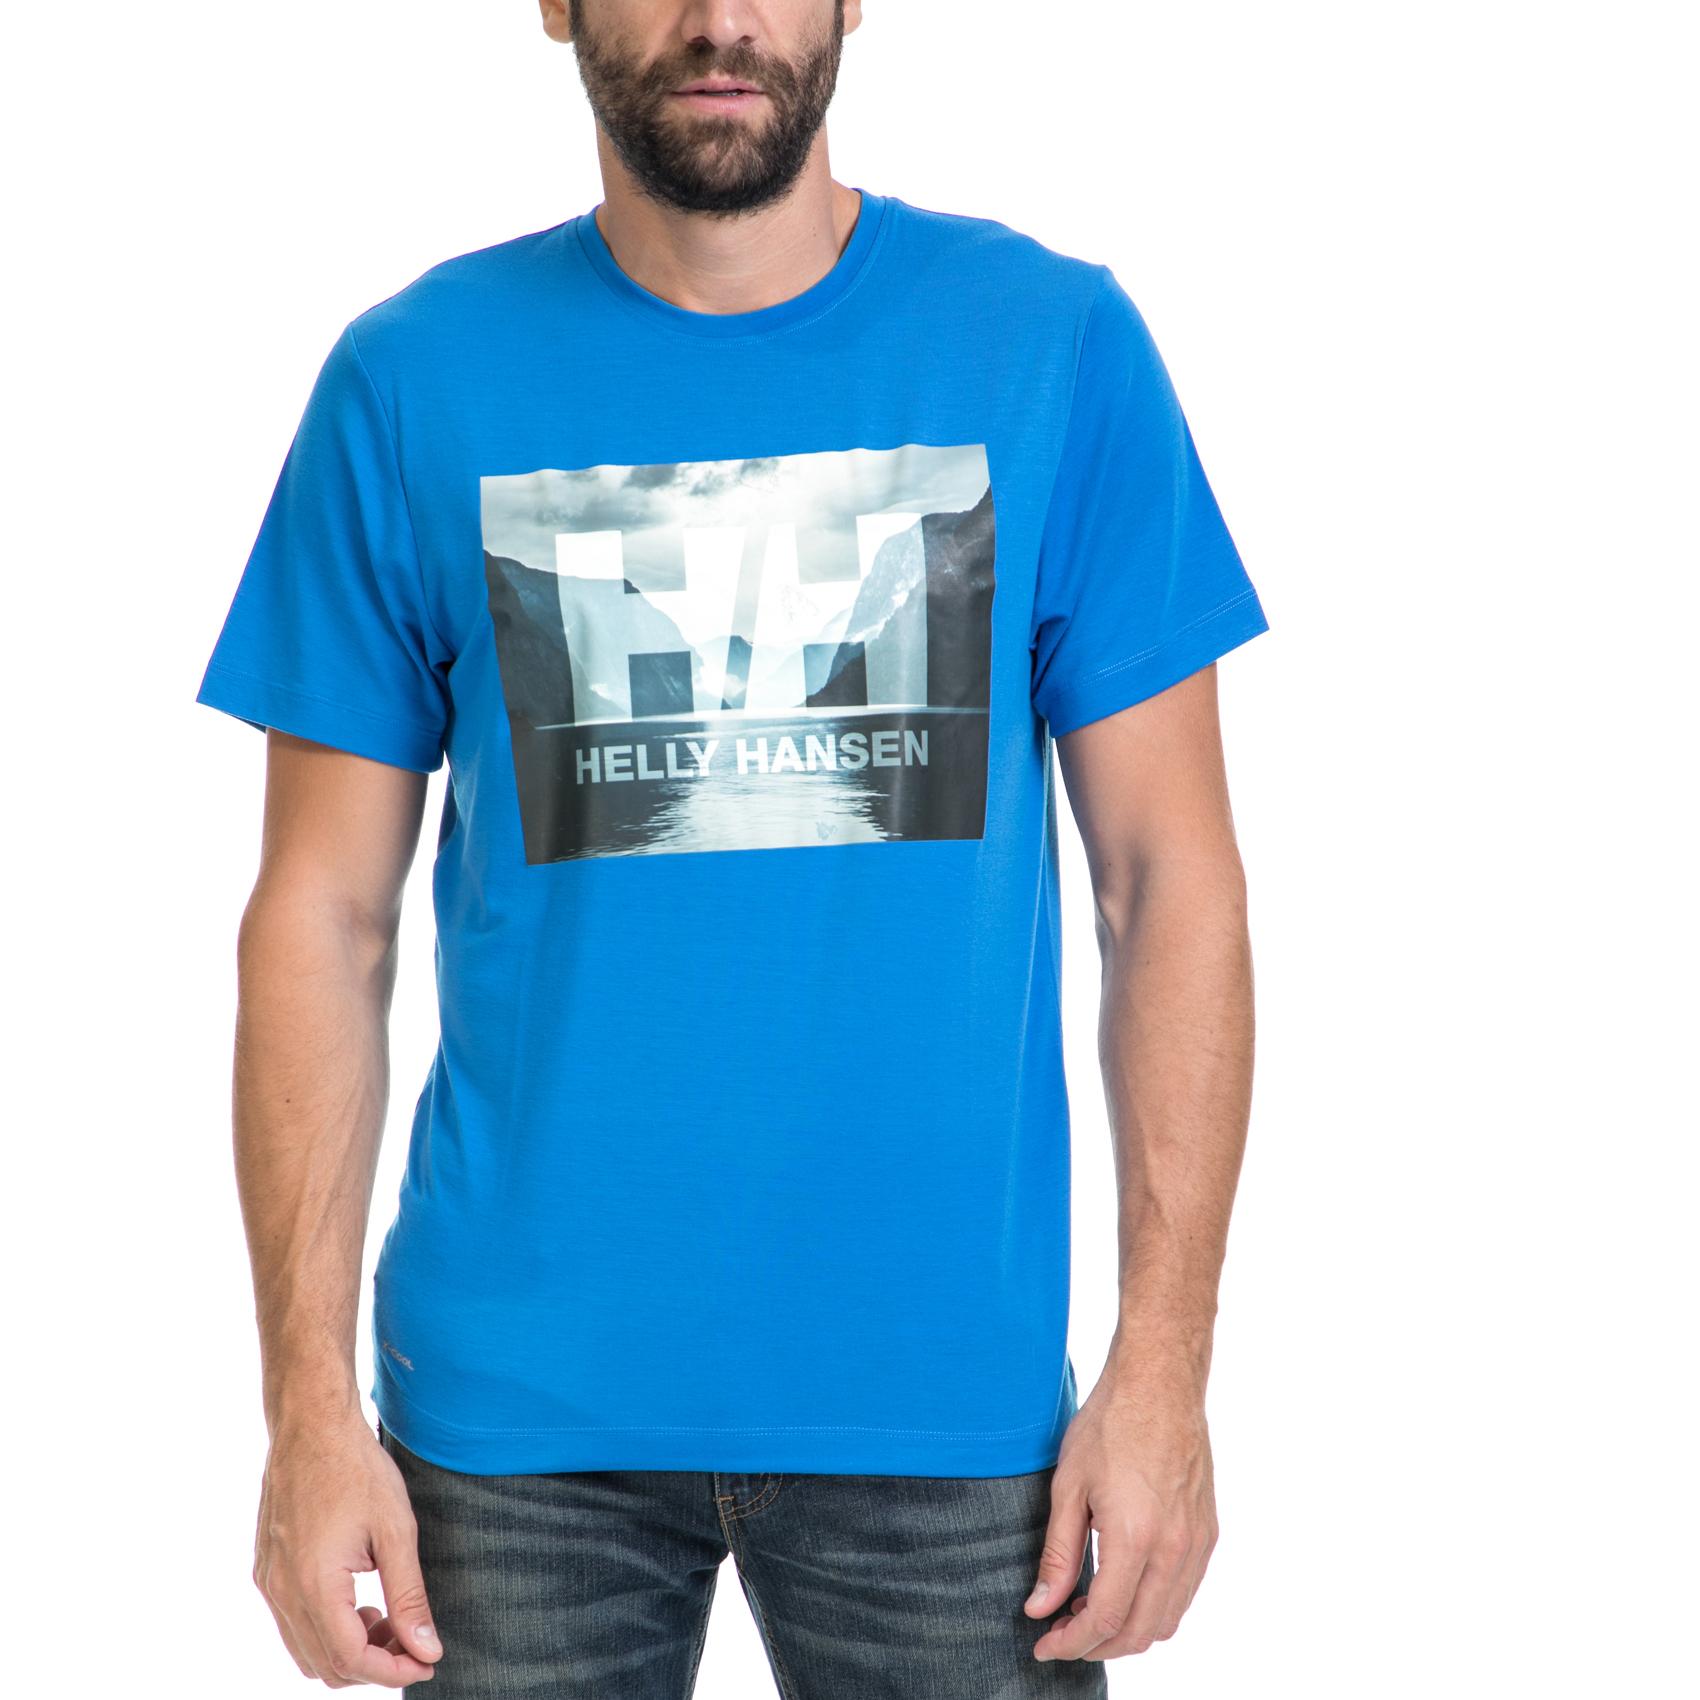 HELLY HANSEN – Ανδρική μπλούζα RUNE μπλε